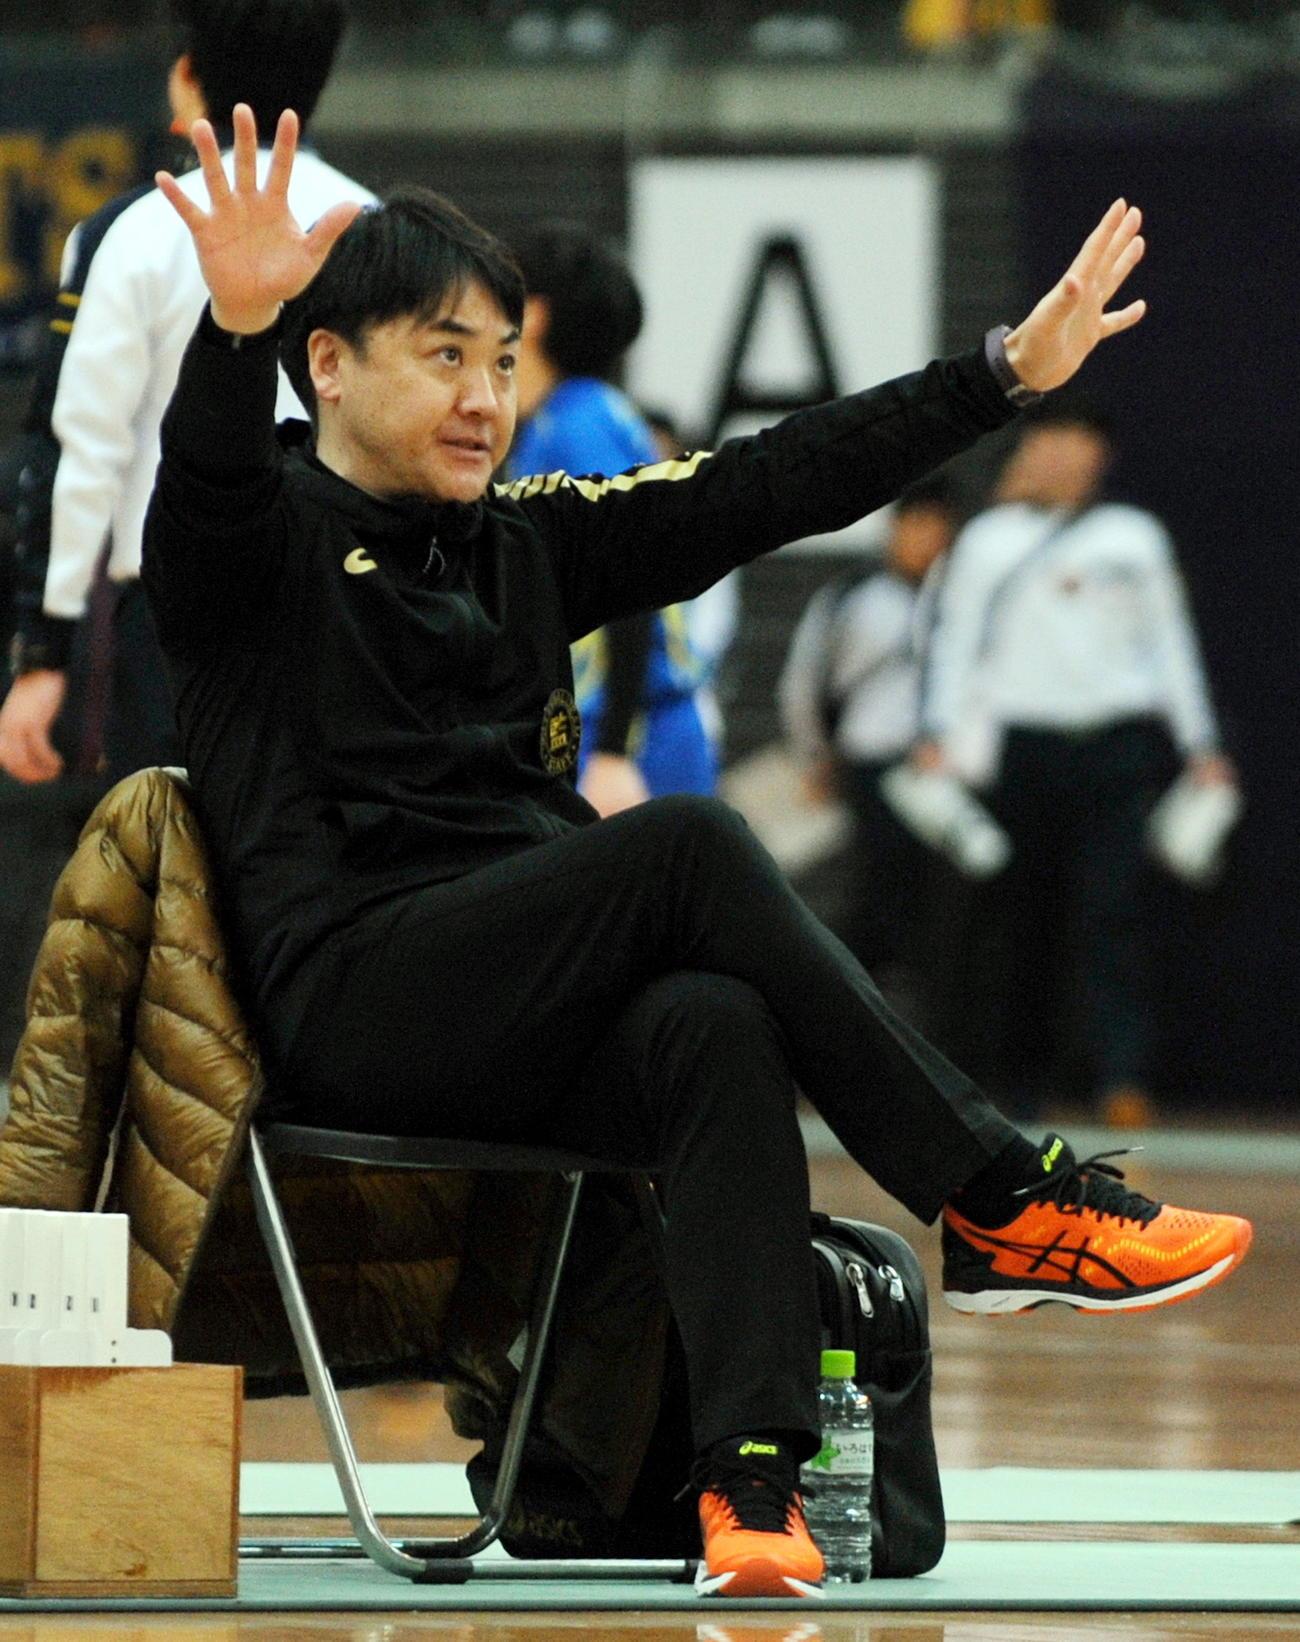 2月の東北高校新人バレーボール選手権で盛岡誠桜を指揮する伊藤監督(2020年2月8日撮影)